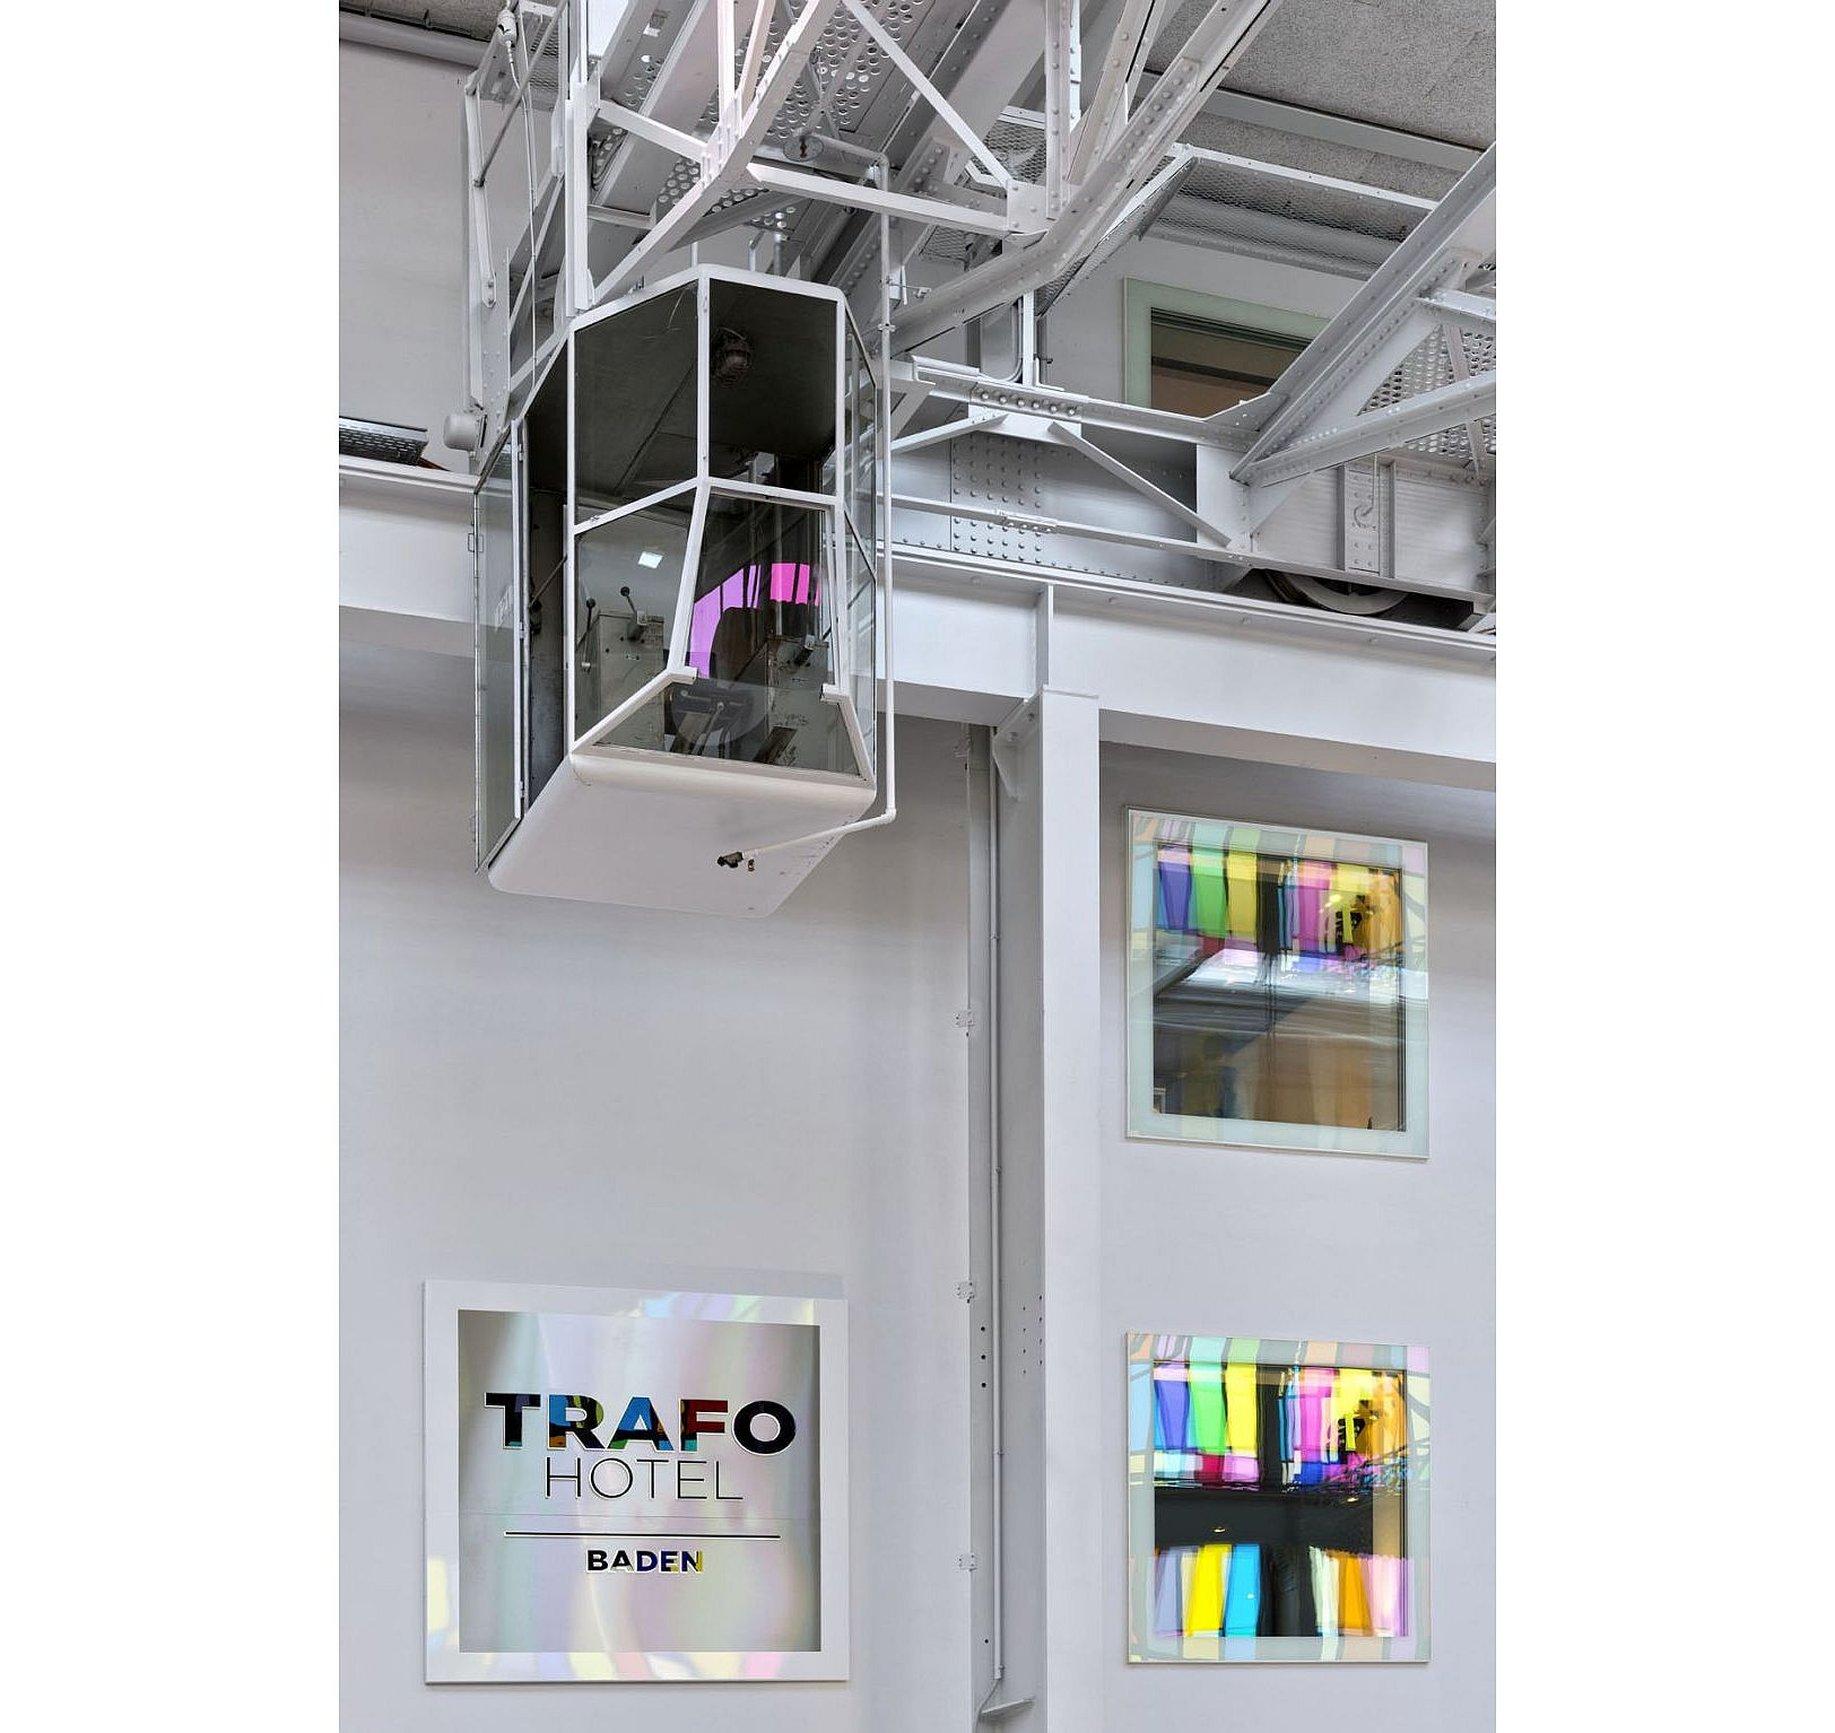 Hotel Trafo